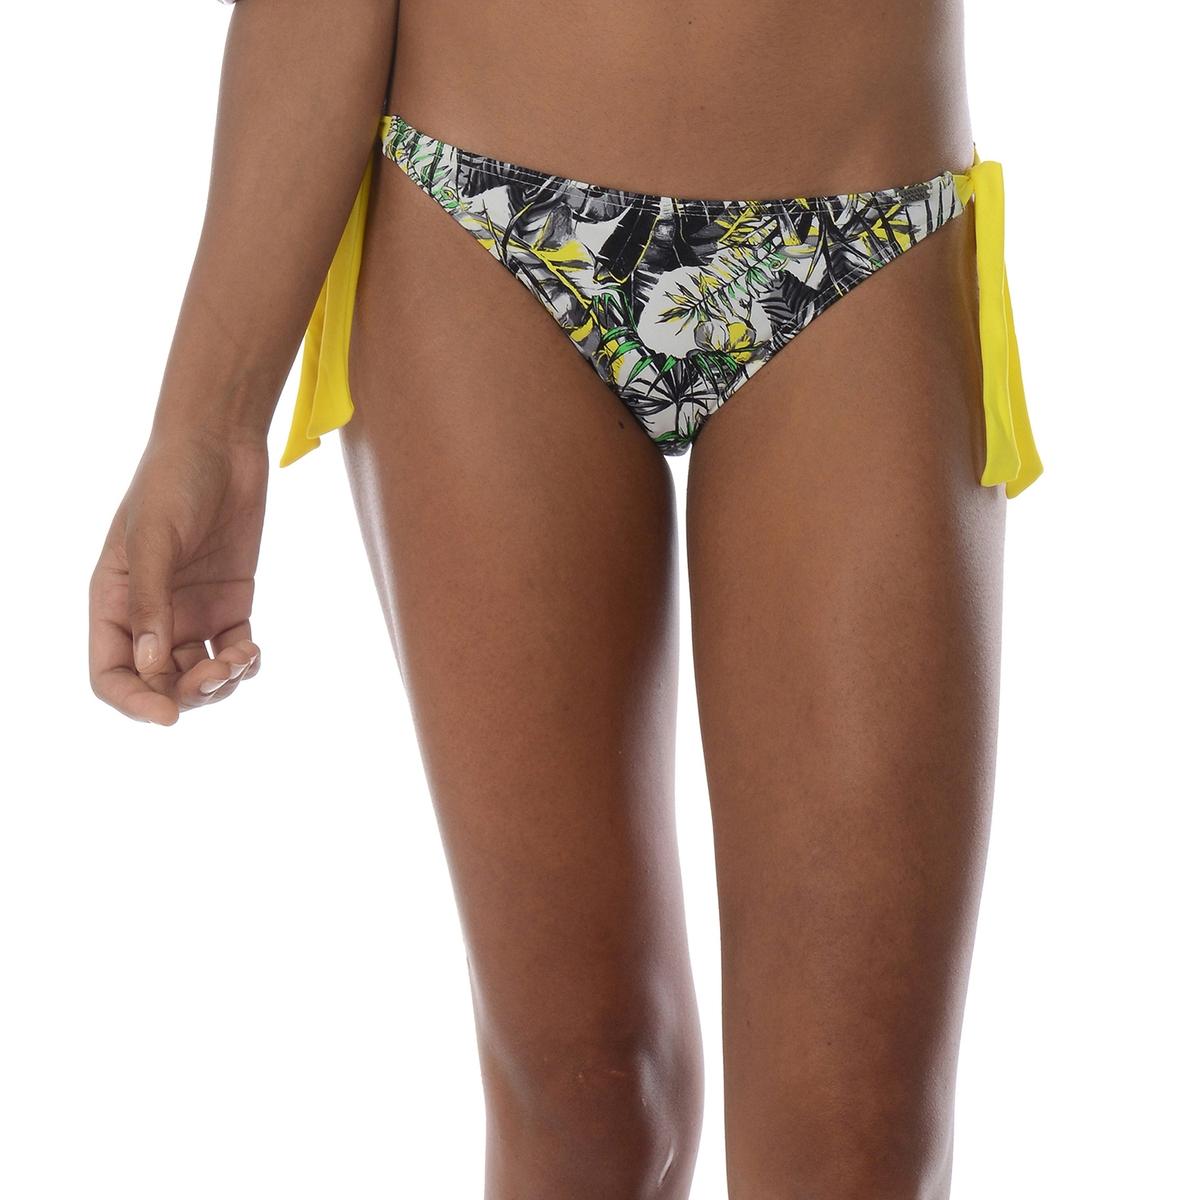 Низ от купальникаЭти плавки выгодно подчеркнут ваши формы . Завязки по бокам с обеих сторон для лучшей фиксации и для любого телосложения . Завязки желтого цвета  .20% эластана,  80% полиамида .<br><br>Цвет: черный/ желтый